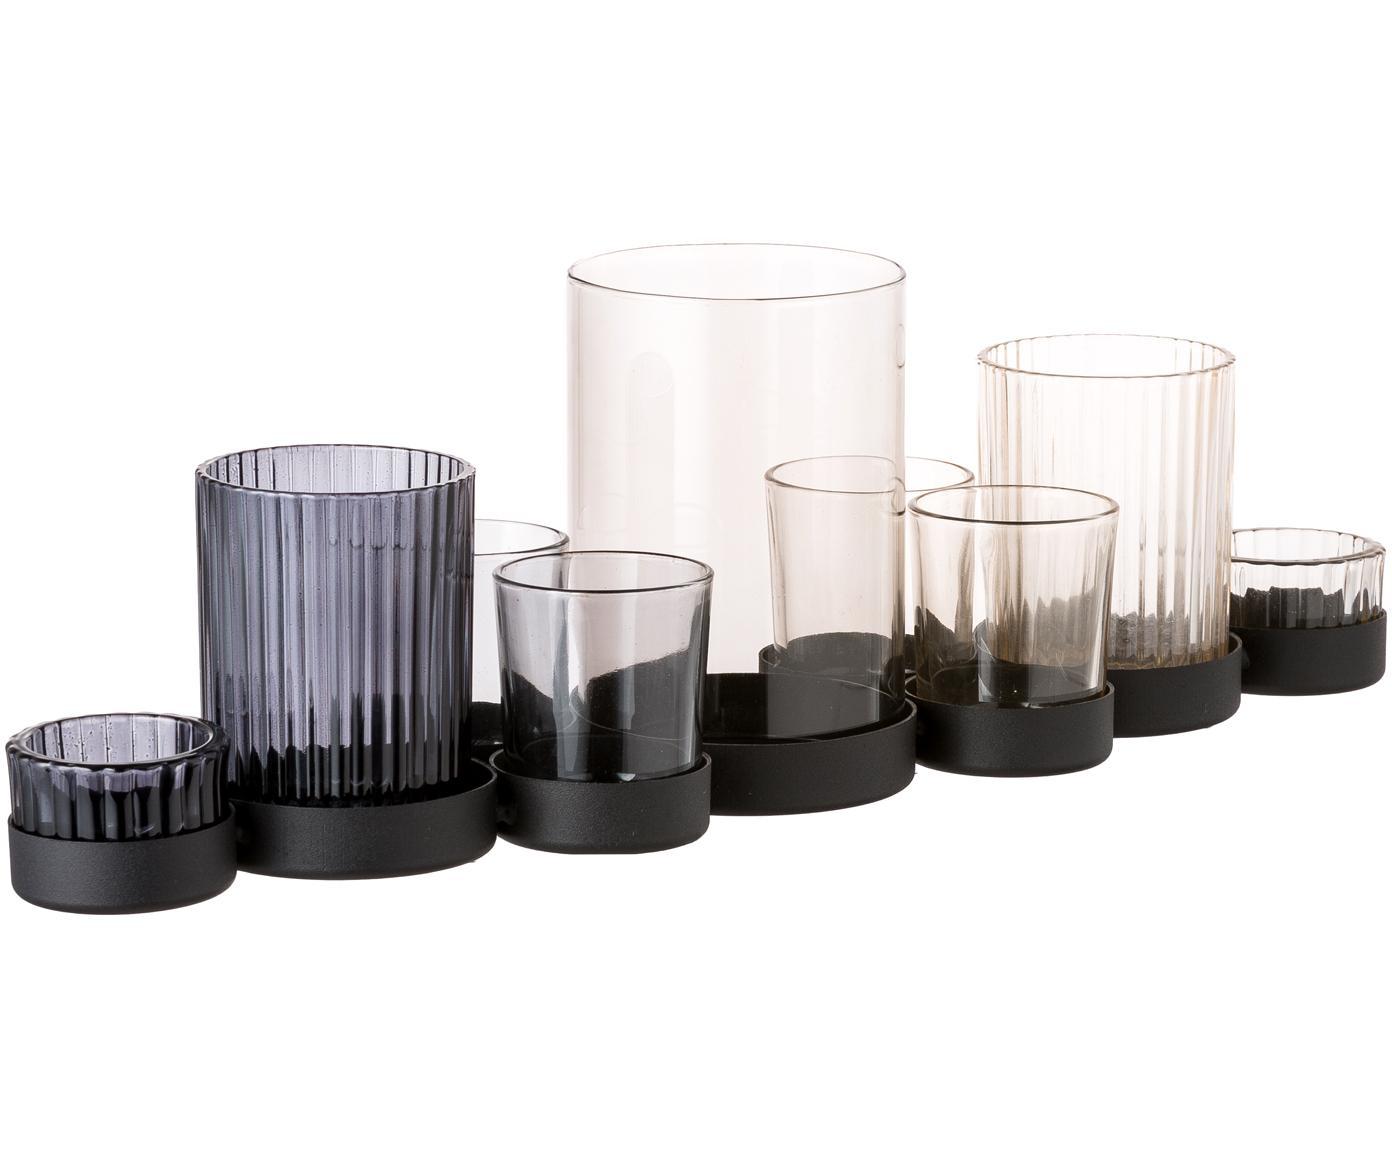 Set de portavelas Aliza, 3pzas., Portavelas: vidrio, Bandeja: metal, Multicolor, transparente, An 45 x Al 14 cm